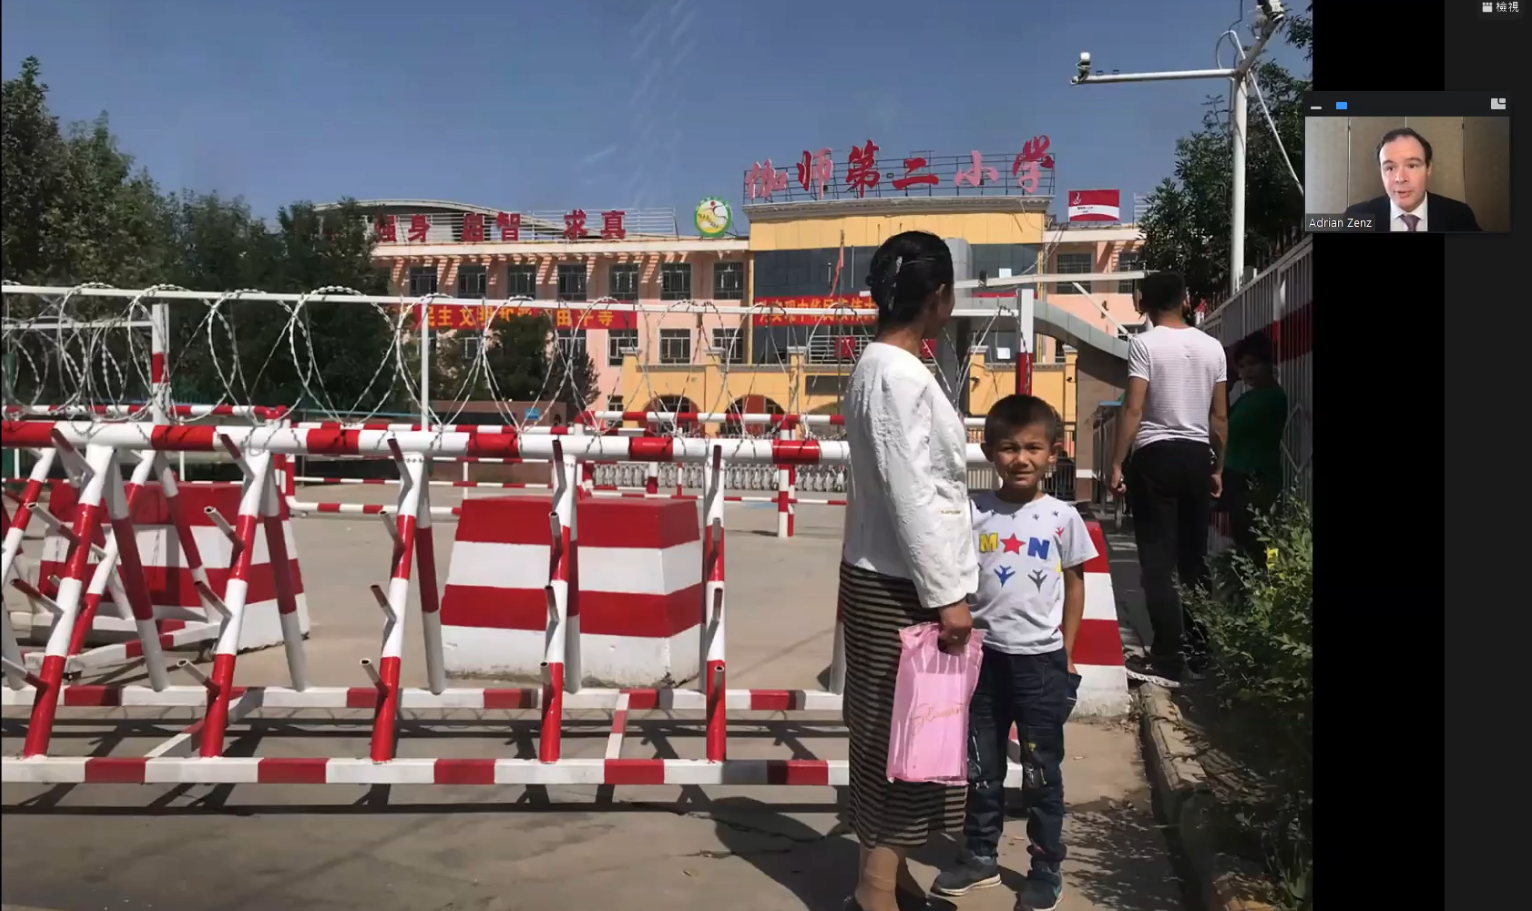 郑国恩在座谈会中展示了一些照片文件,新疆地区小学都被监控着。(网路会议截图)